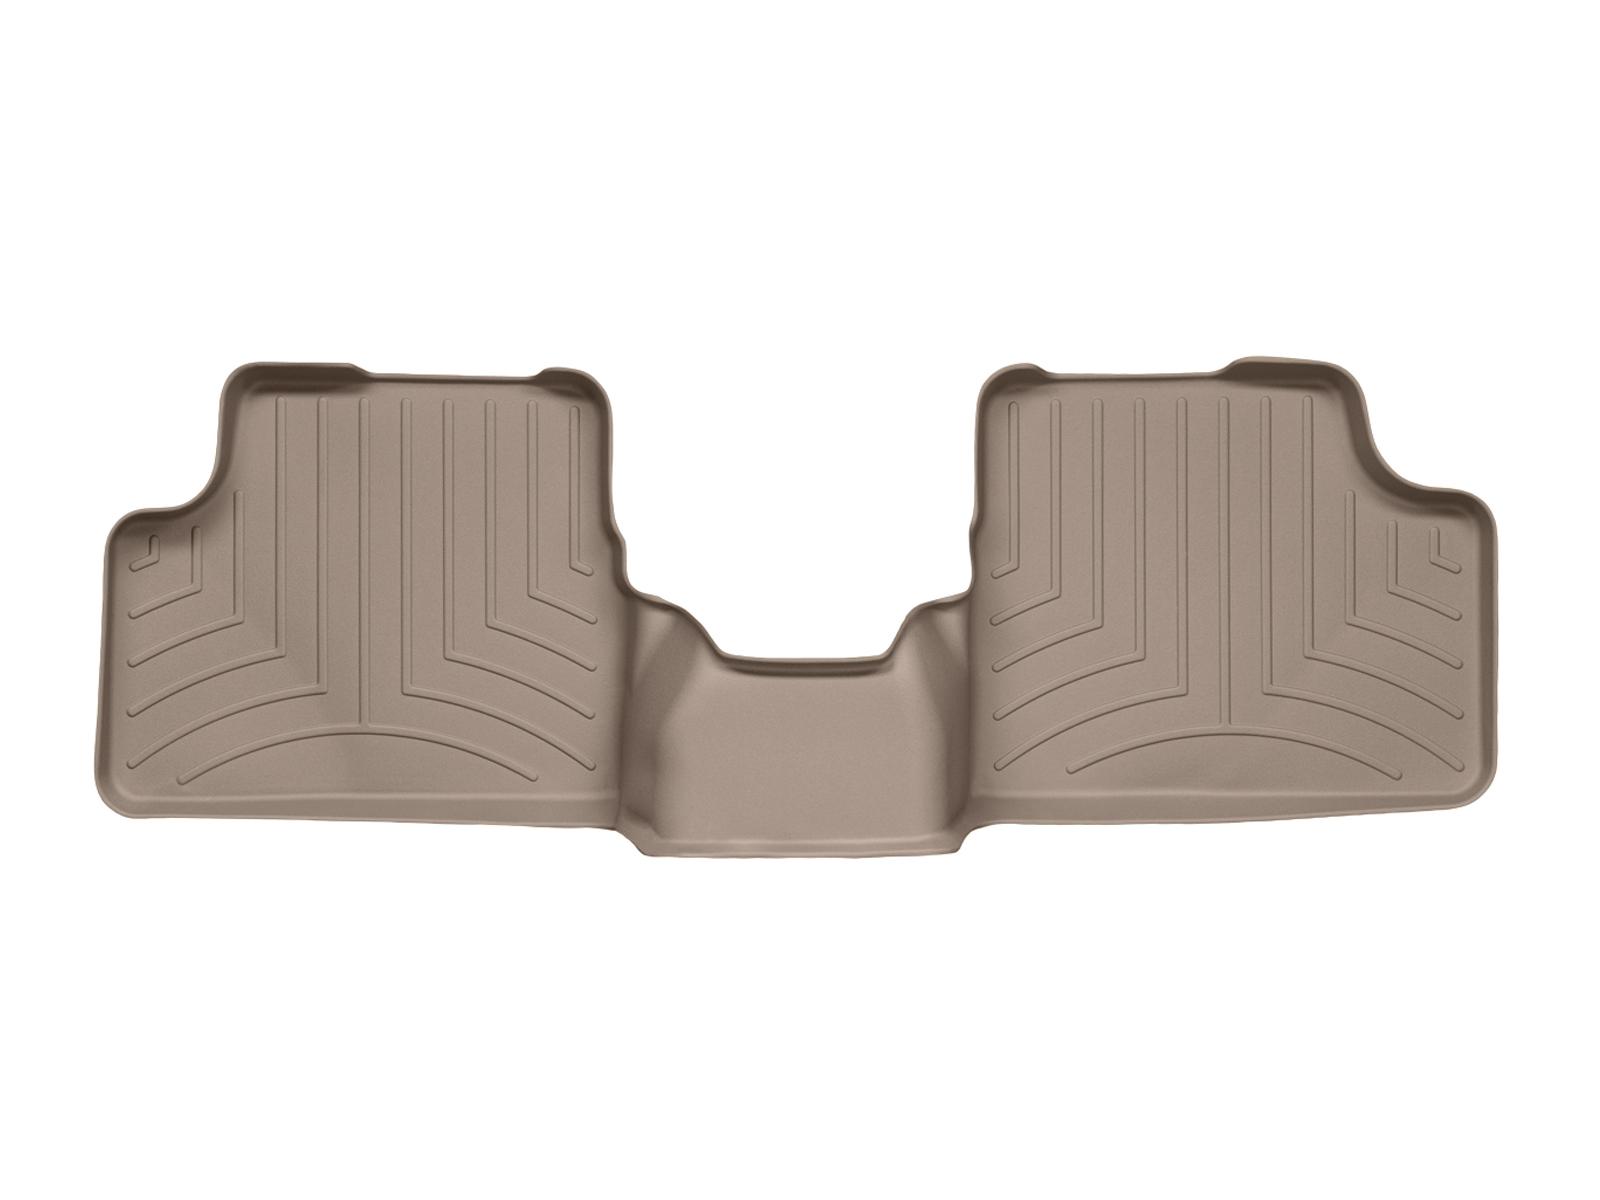 Tappeti gomma su misura bordo alto Opel Astra 04>08 Marrone A2955